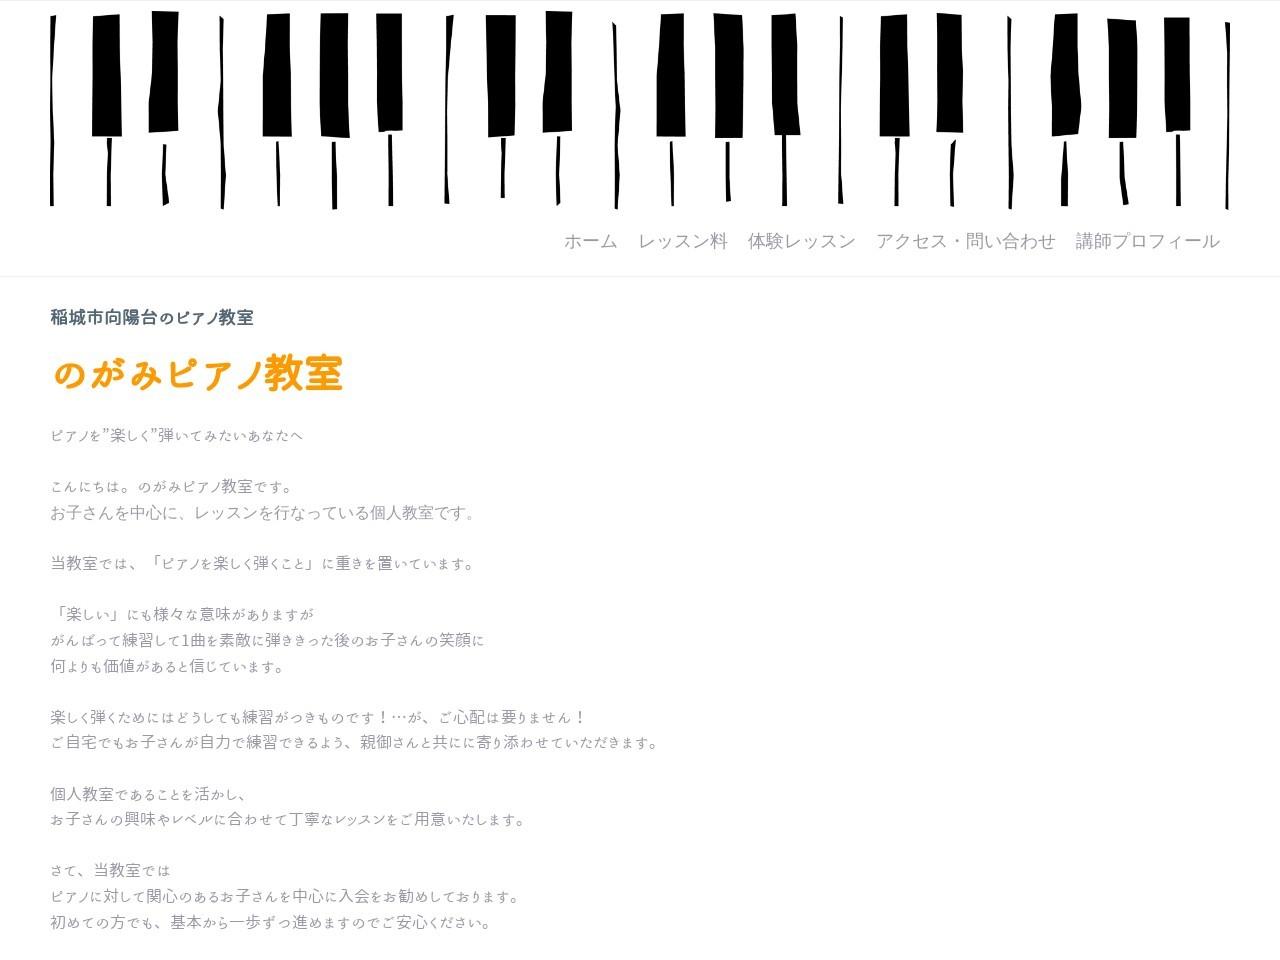 のがみピアノ教室のサムネイル